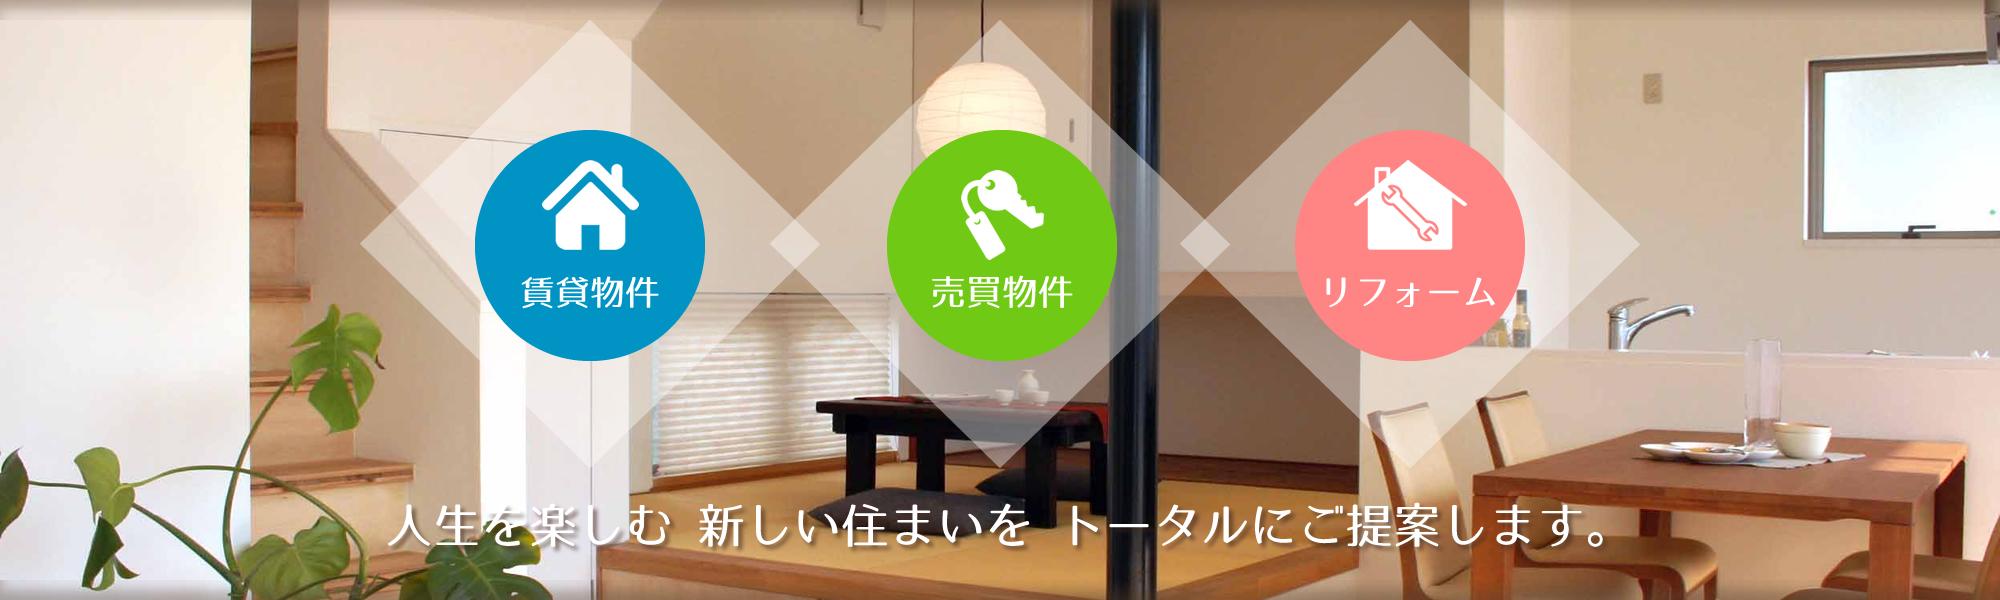 広島市の不動産、賃貸、売買、リフォームならトータルビルド株式会社